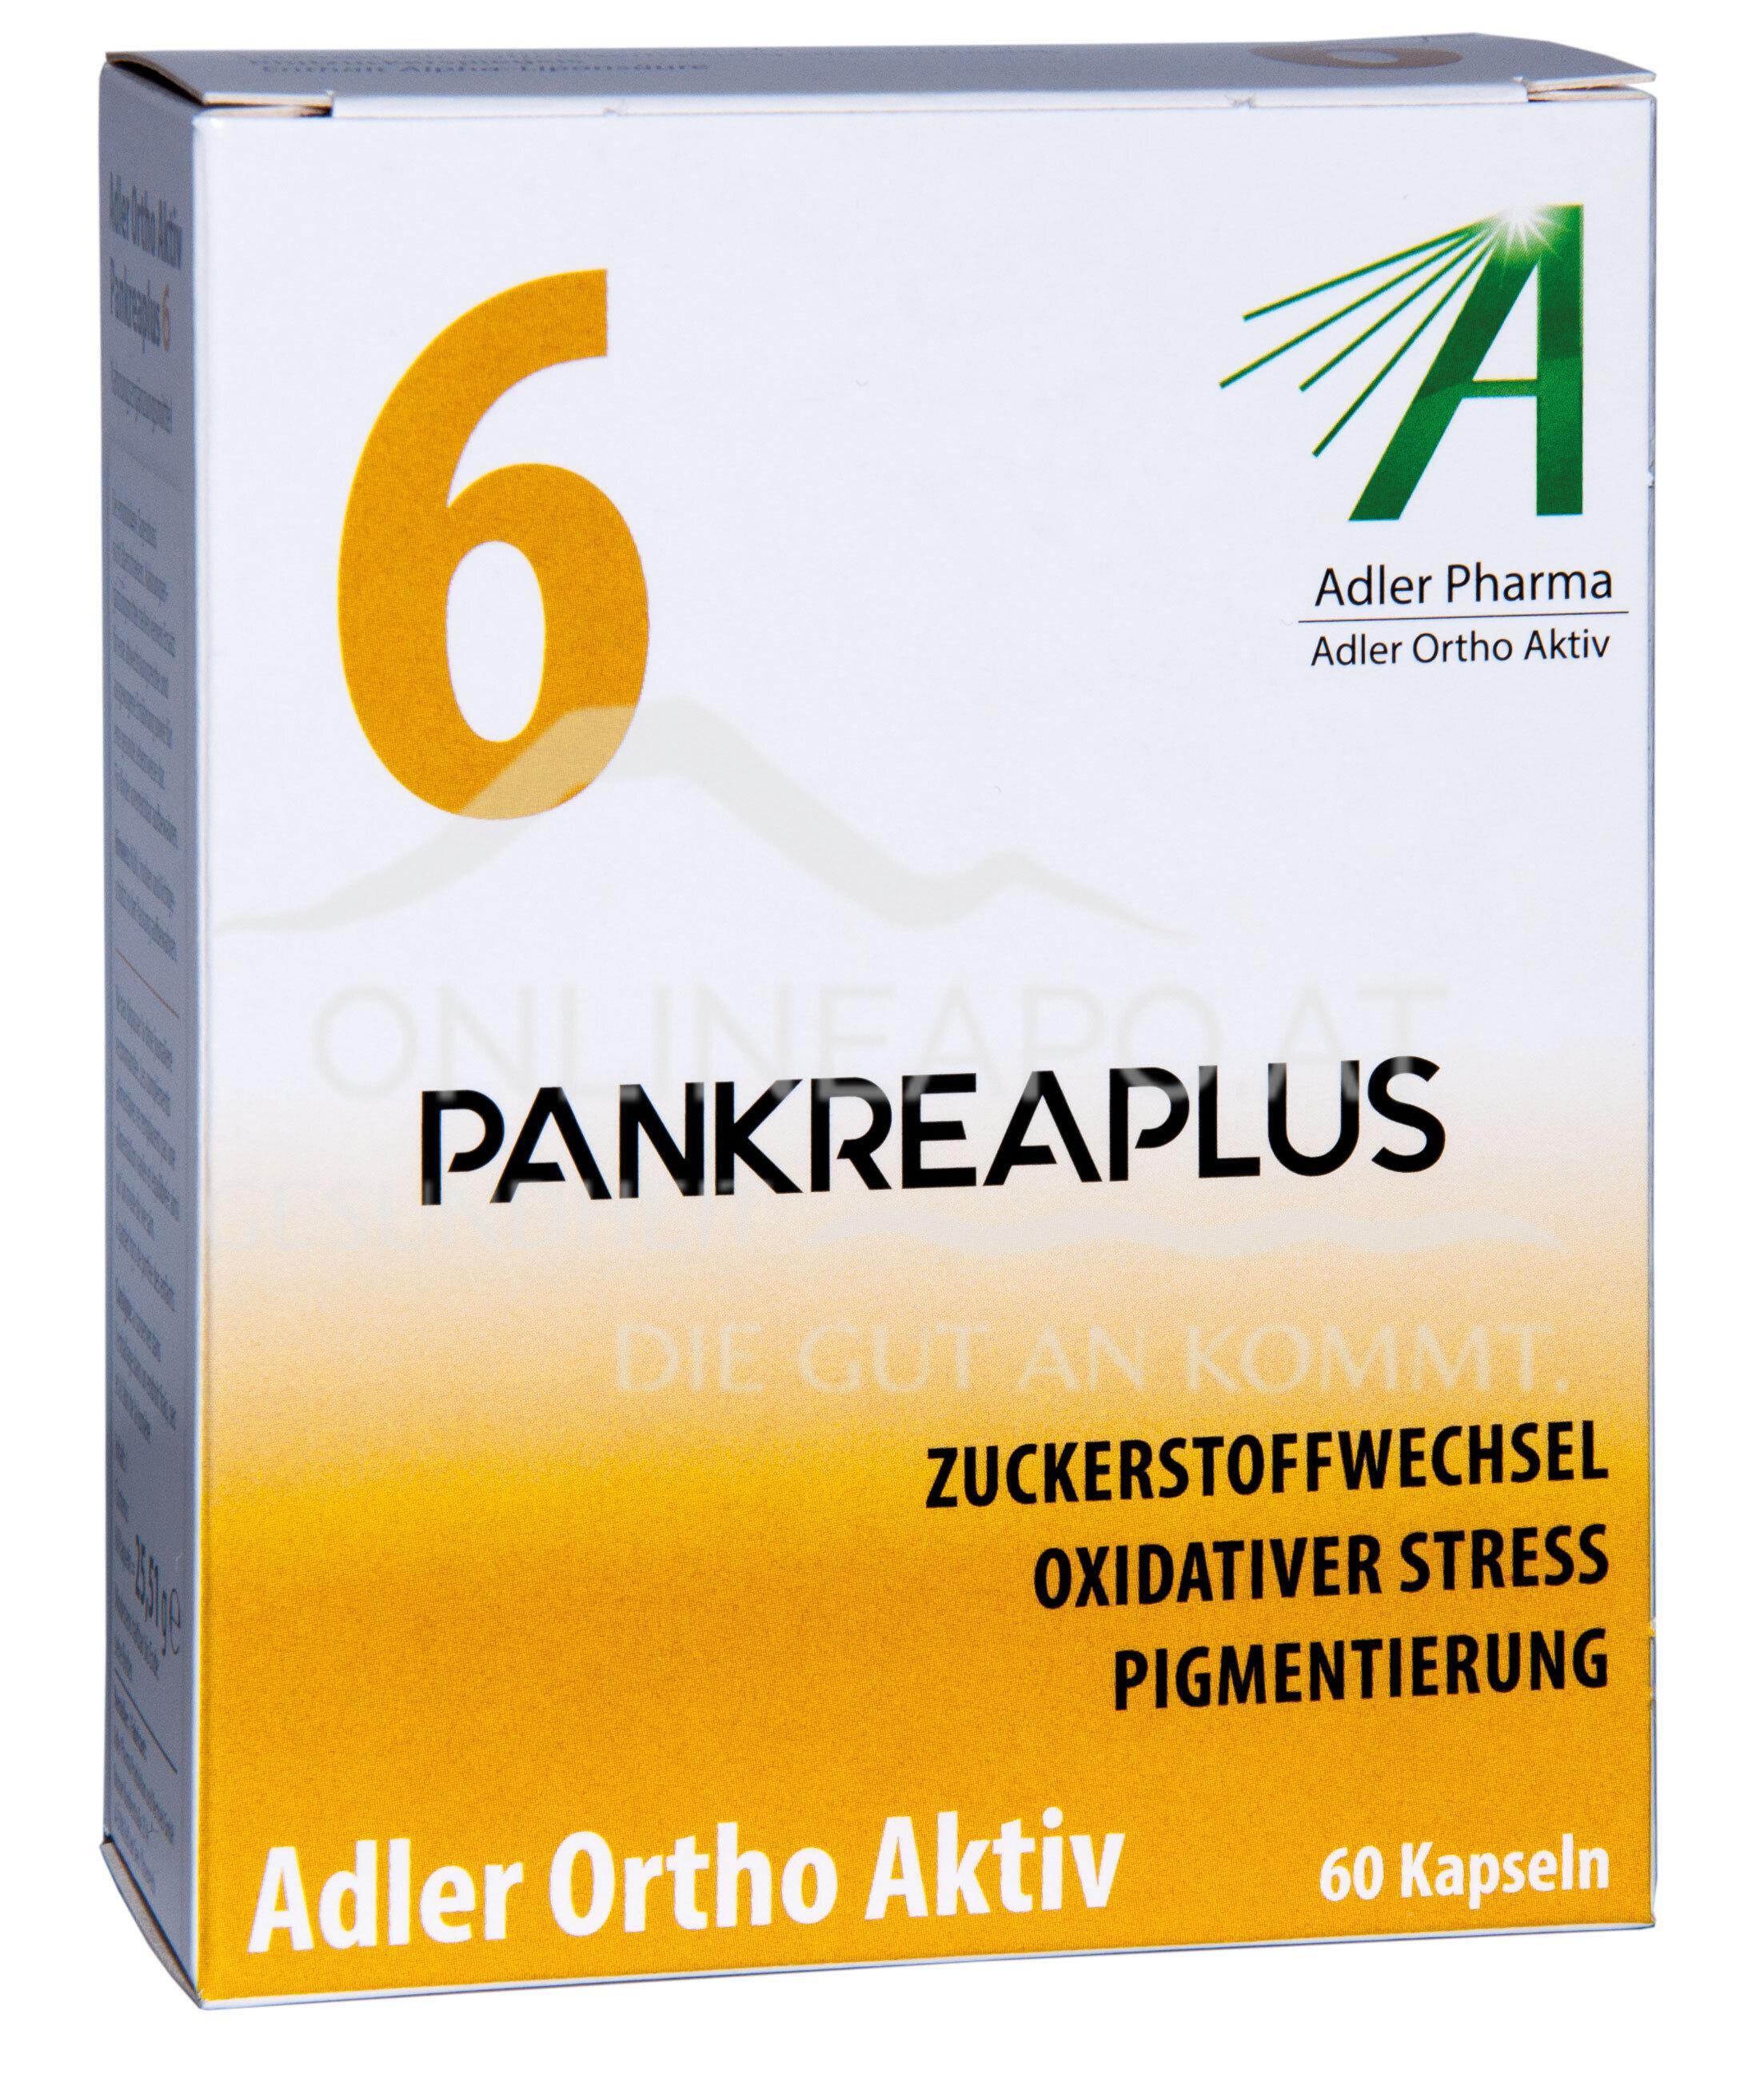 Adler Ortho Aktiv Nr. 6 Pankreaplus